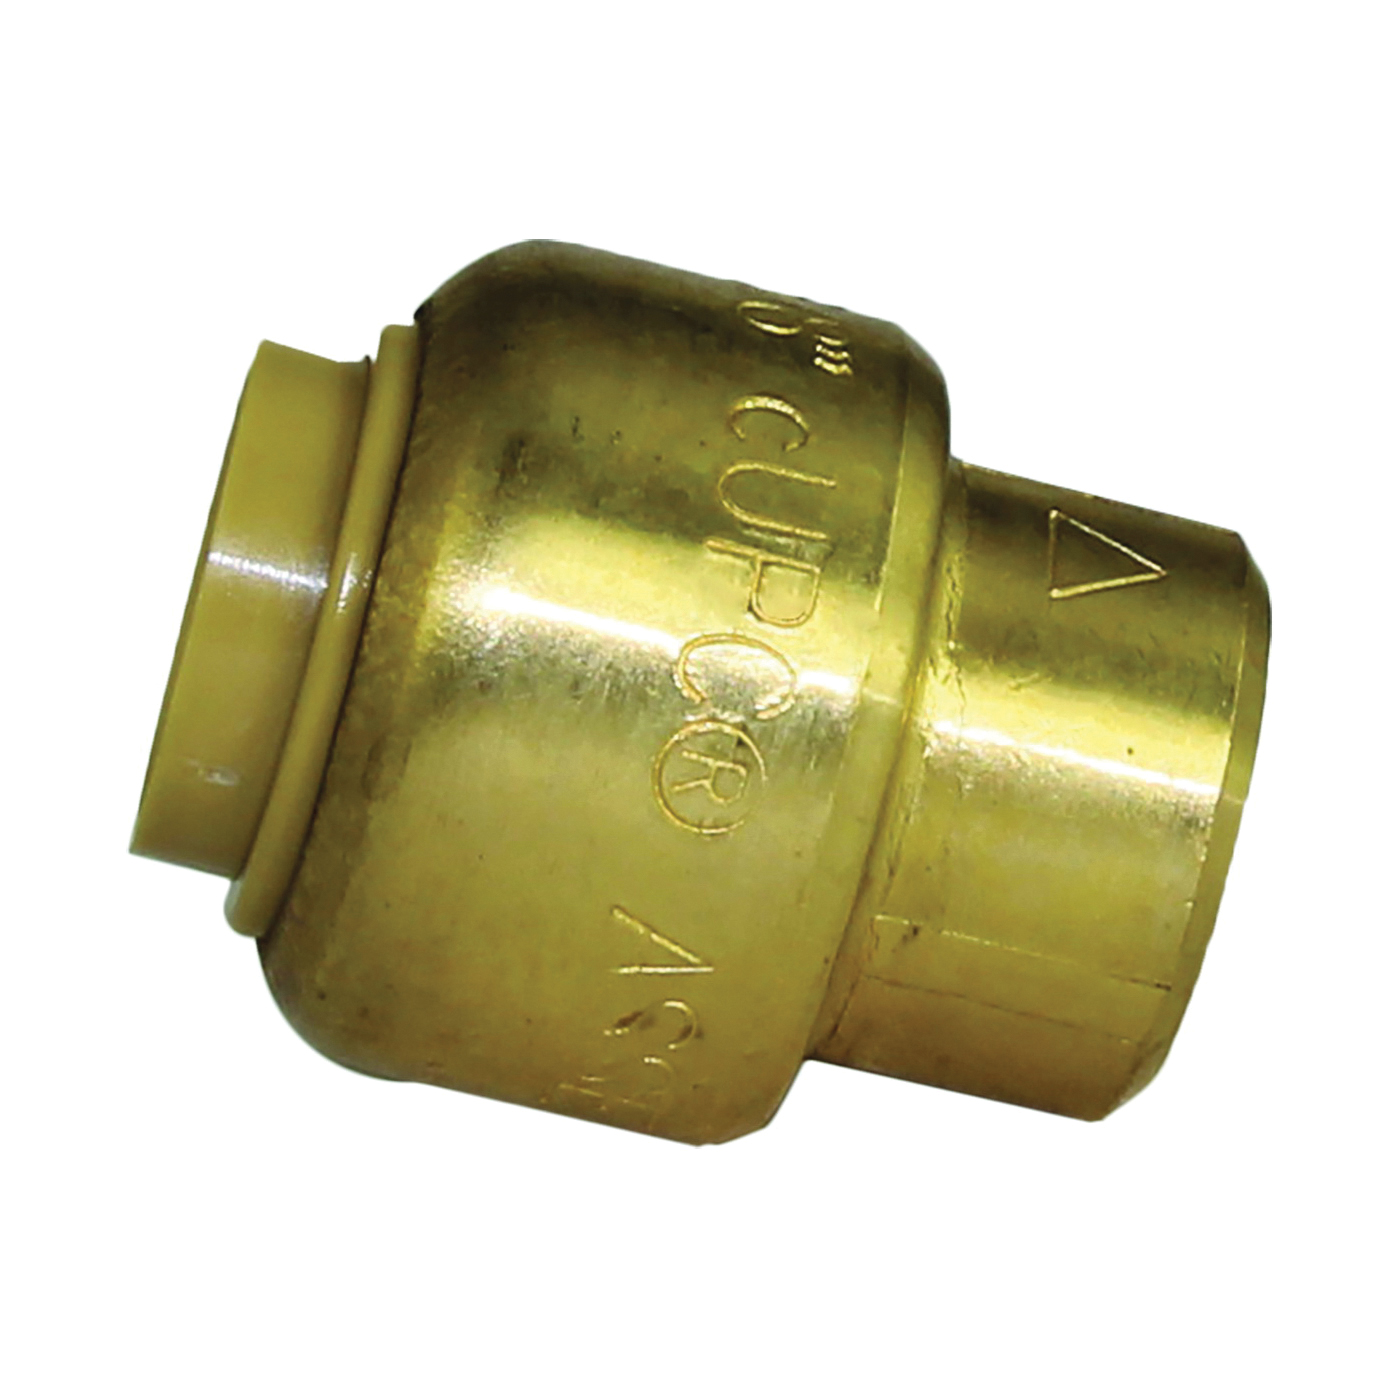 Picture of SharkBite U512LFA End Cap, 3/8 in, Brass, Chrome, 200 psi Pressure